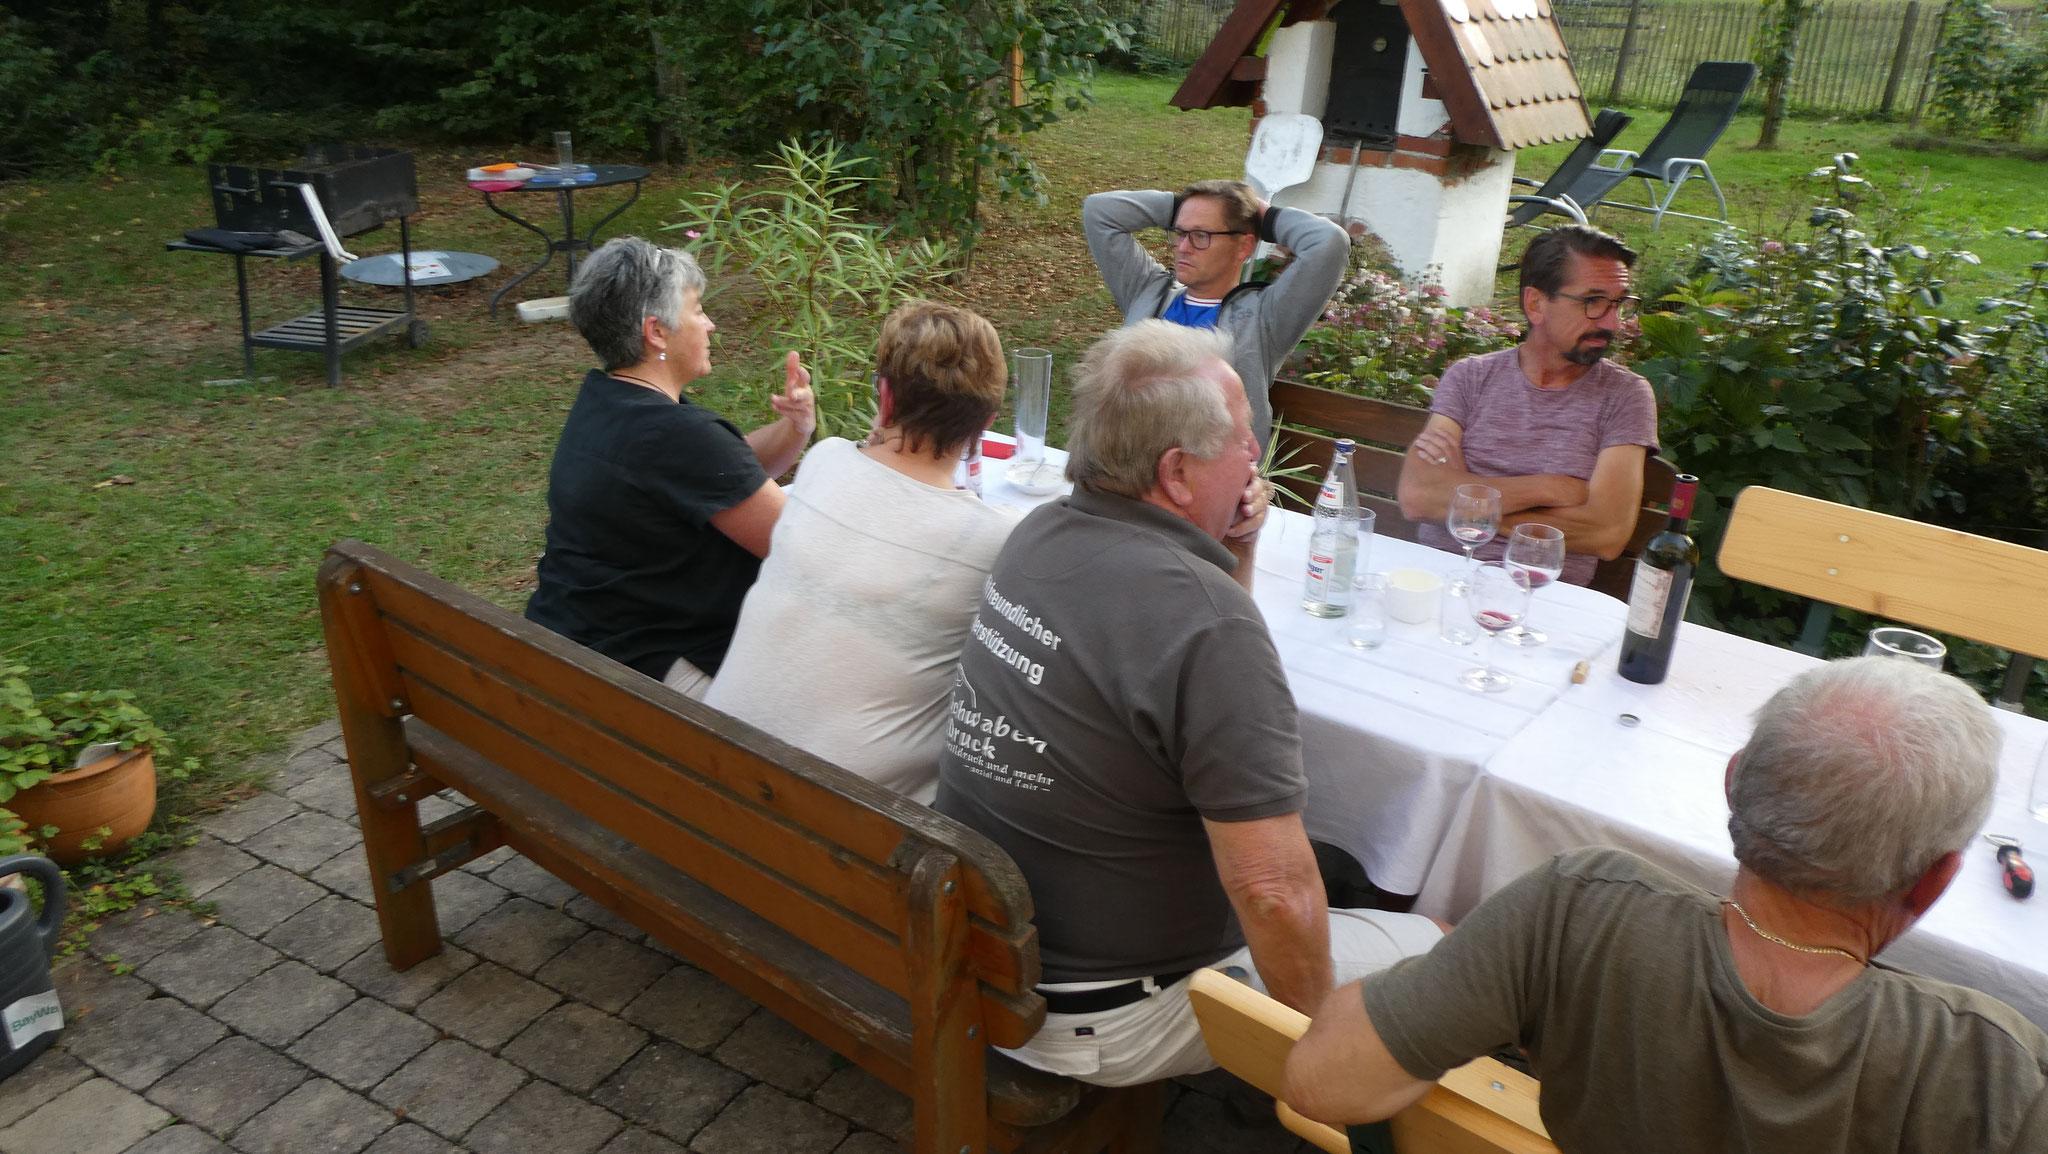 Tafelfreuden & Tafelteam - ein fabelhaftes Sommerfest bei Hermann und Ursula - DANKE!!